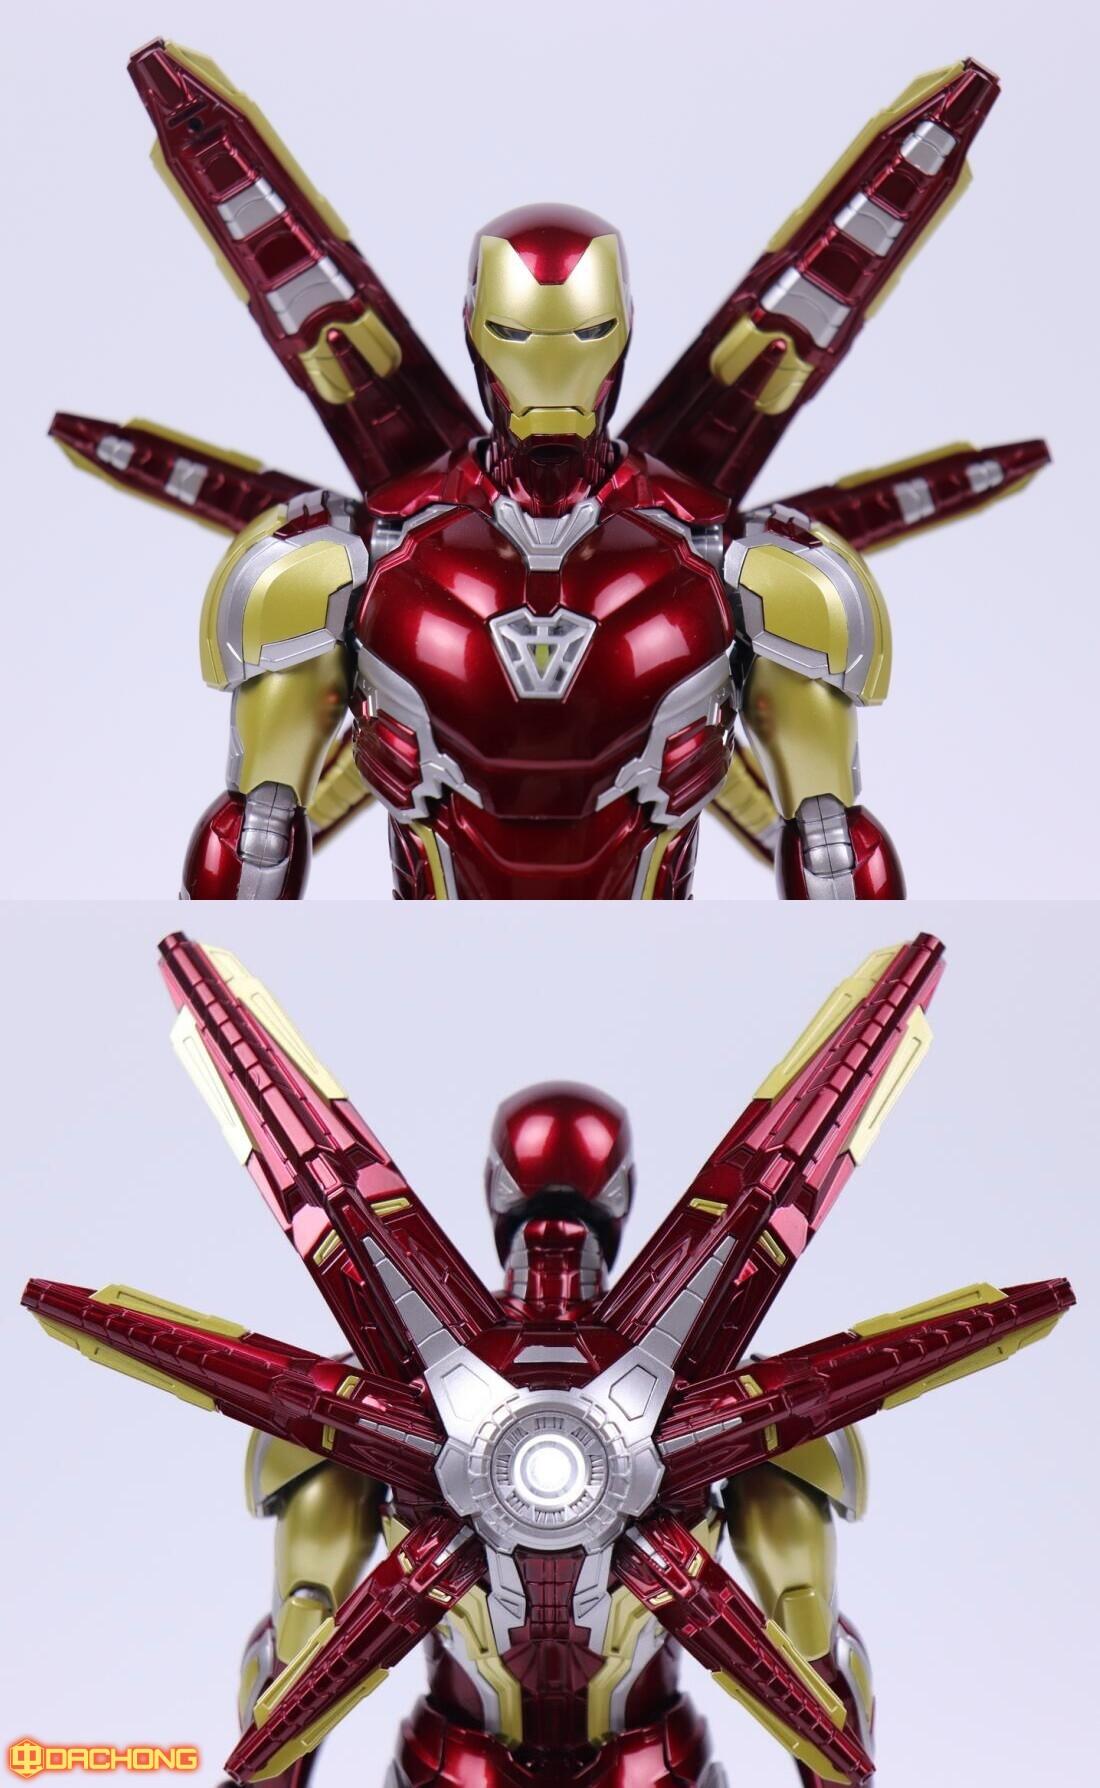 S498_2_e_model_ironman_mk85_dx_054.jpg